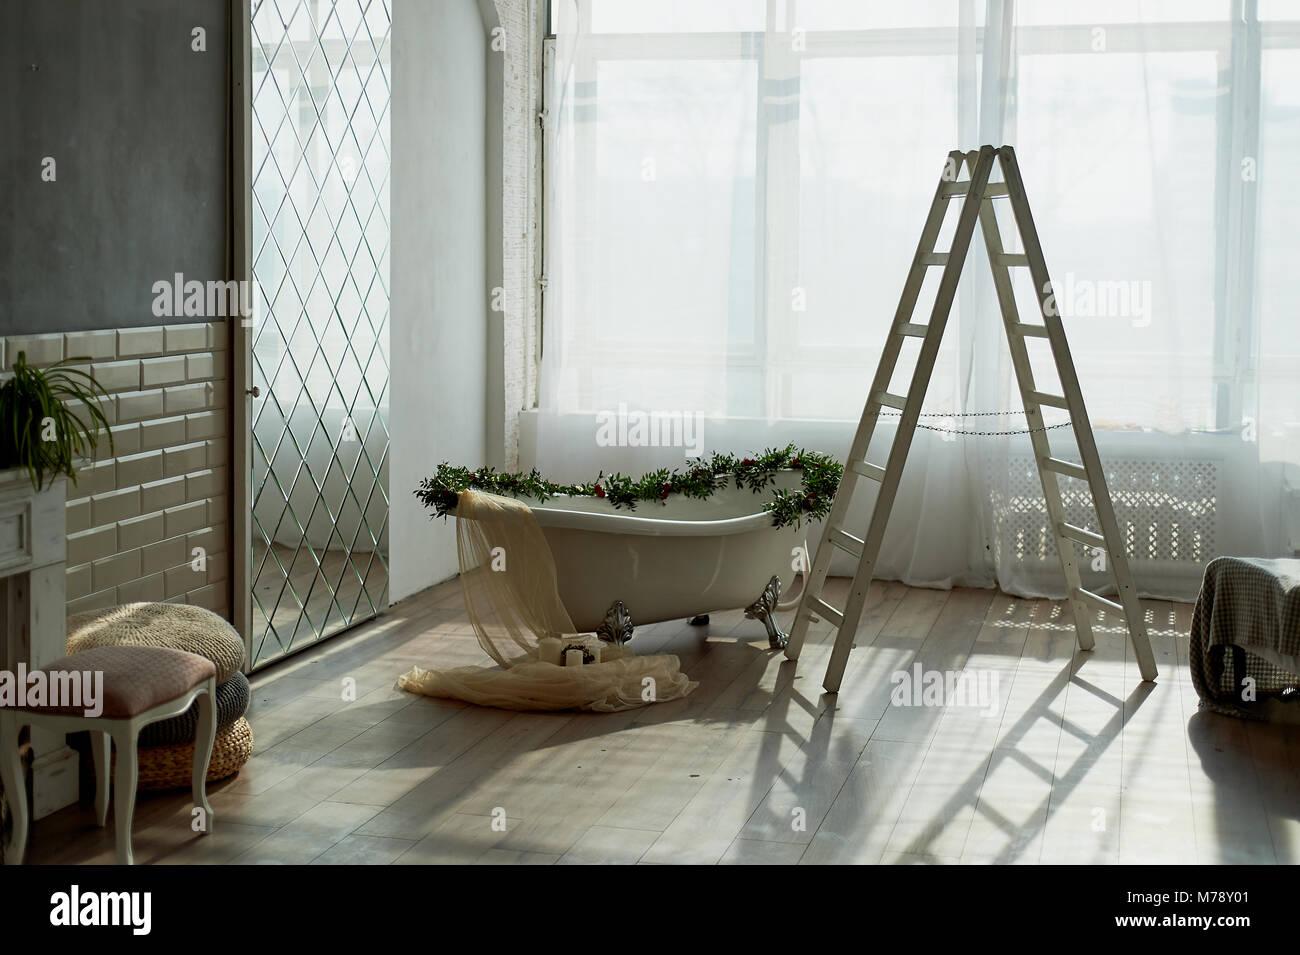 Vasca Da Bagno Zampe Di Leone : Vasca da bagno su lions zampe e decorata con fiori. sul pavimento